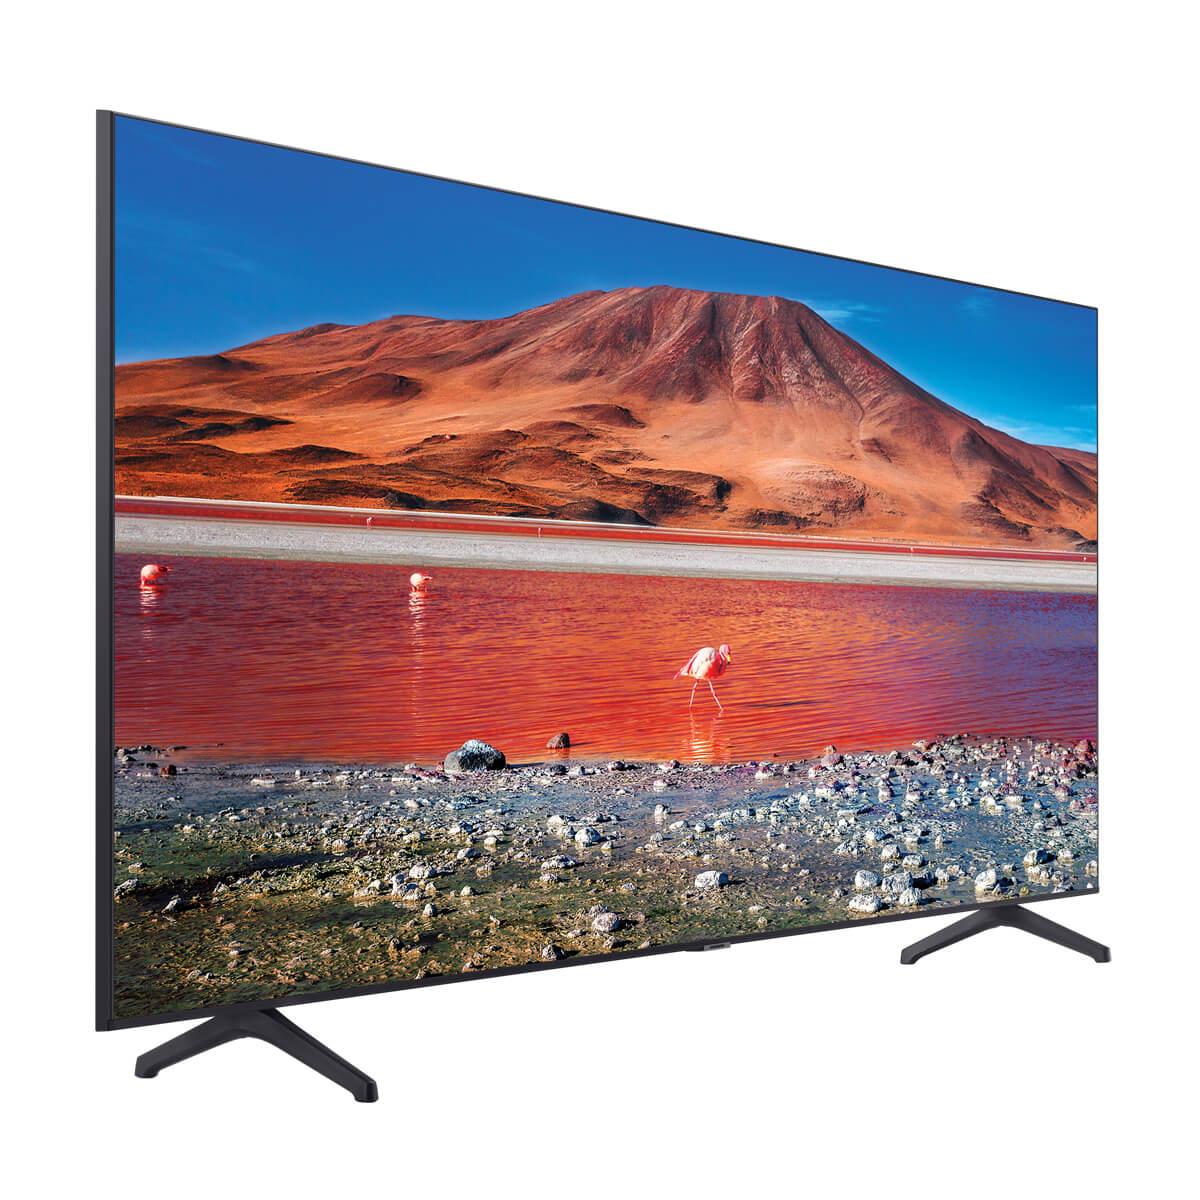 Samsung UE55TU7140UXRU 55″(140sm) Crystal UHD 4K Smart TV Series 7